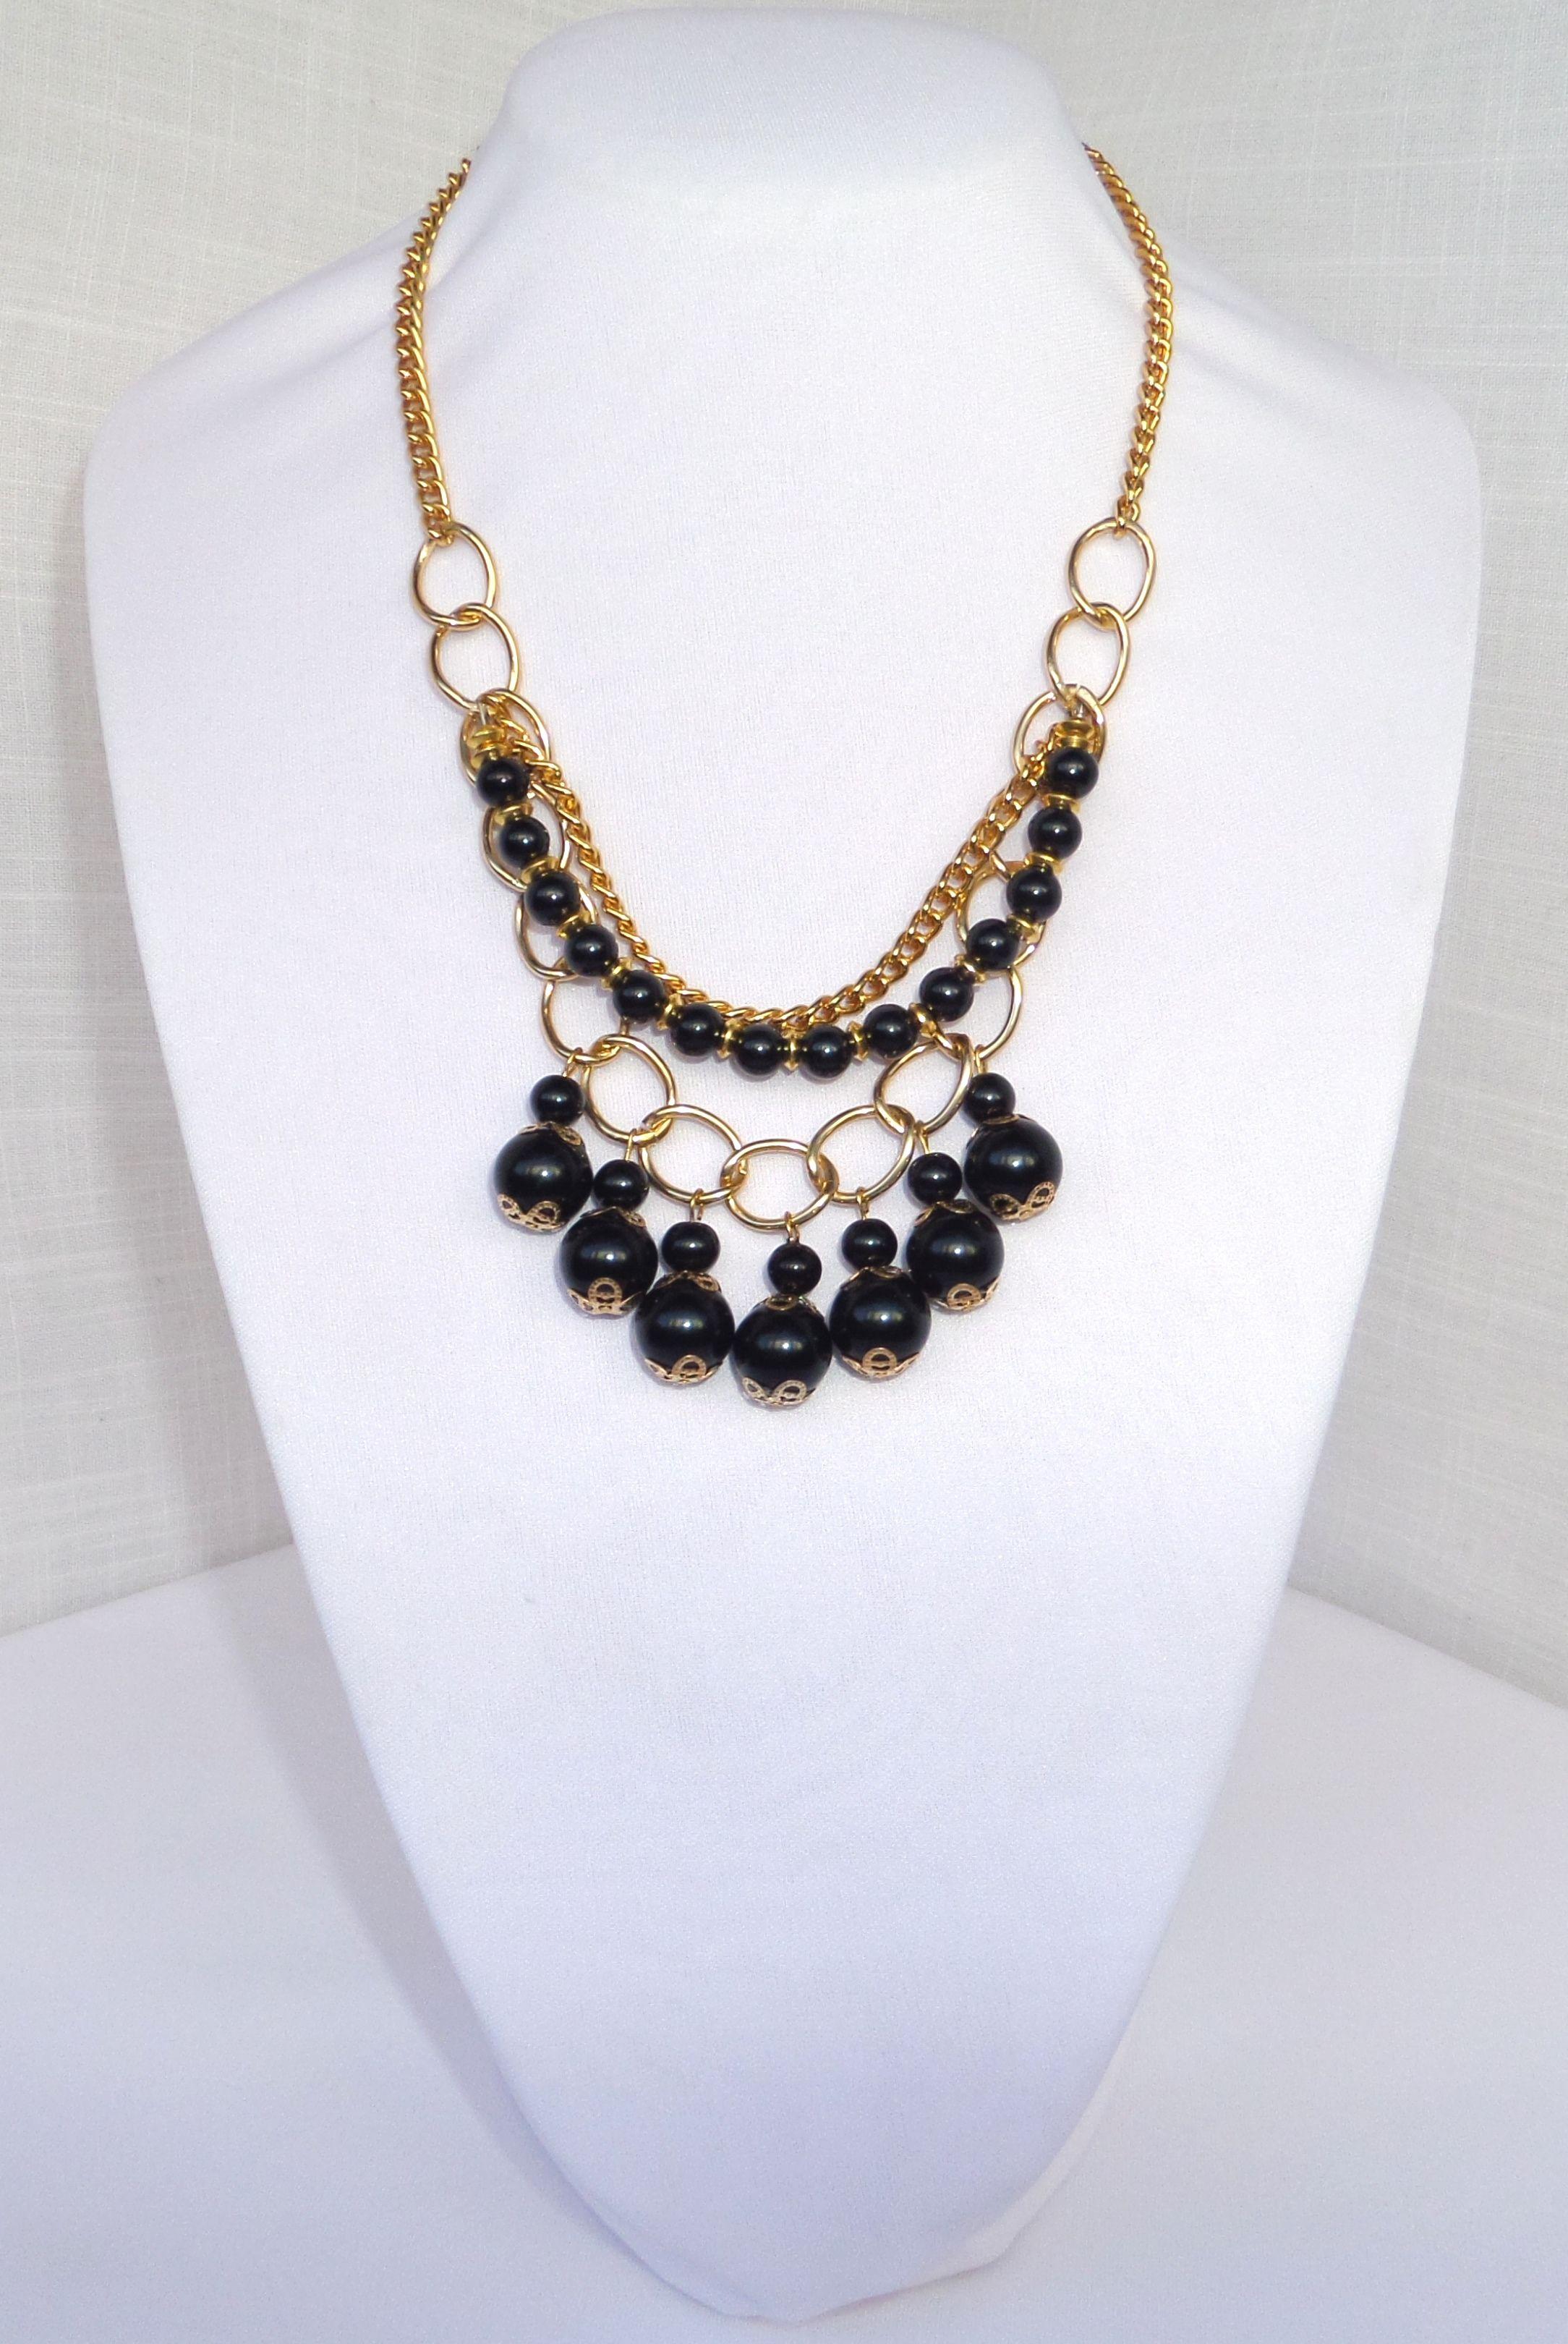 COLLAR DE PERLAS DE CRISTAL - Collares y accesorios para dama - URQHER 765b30734bb7